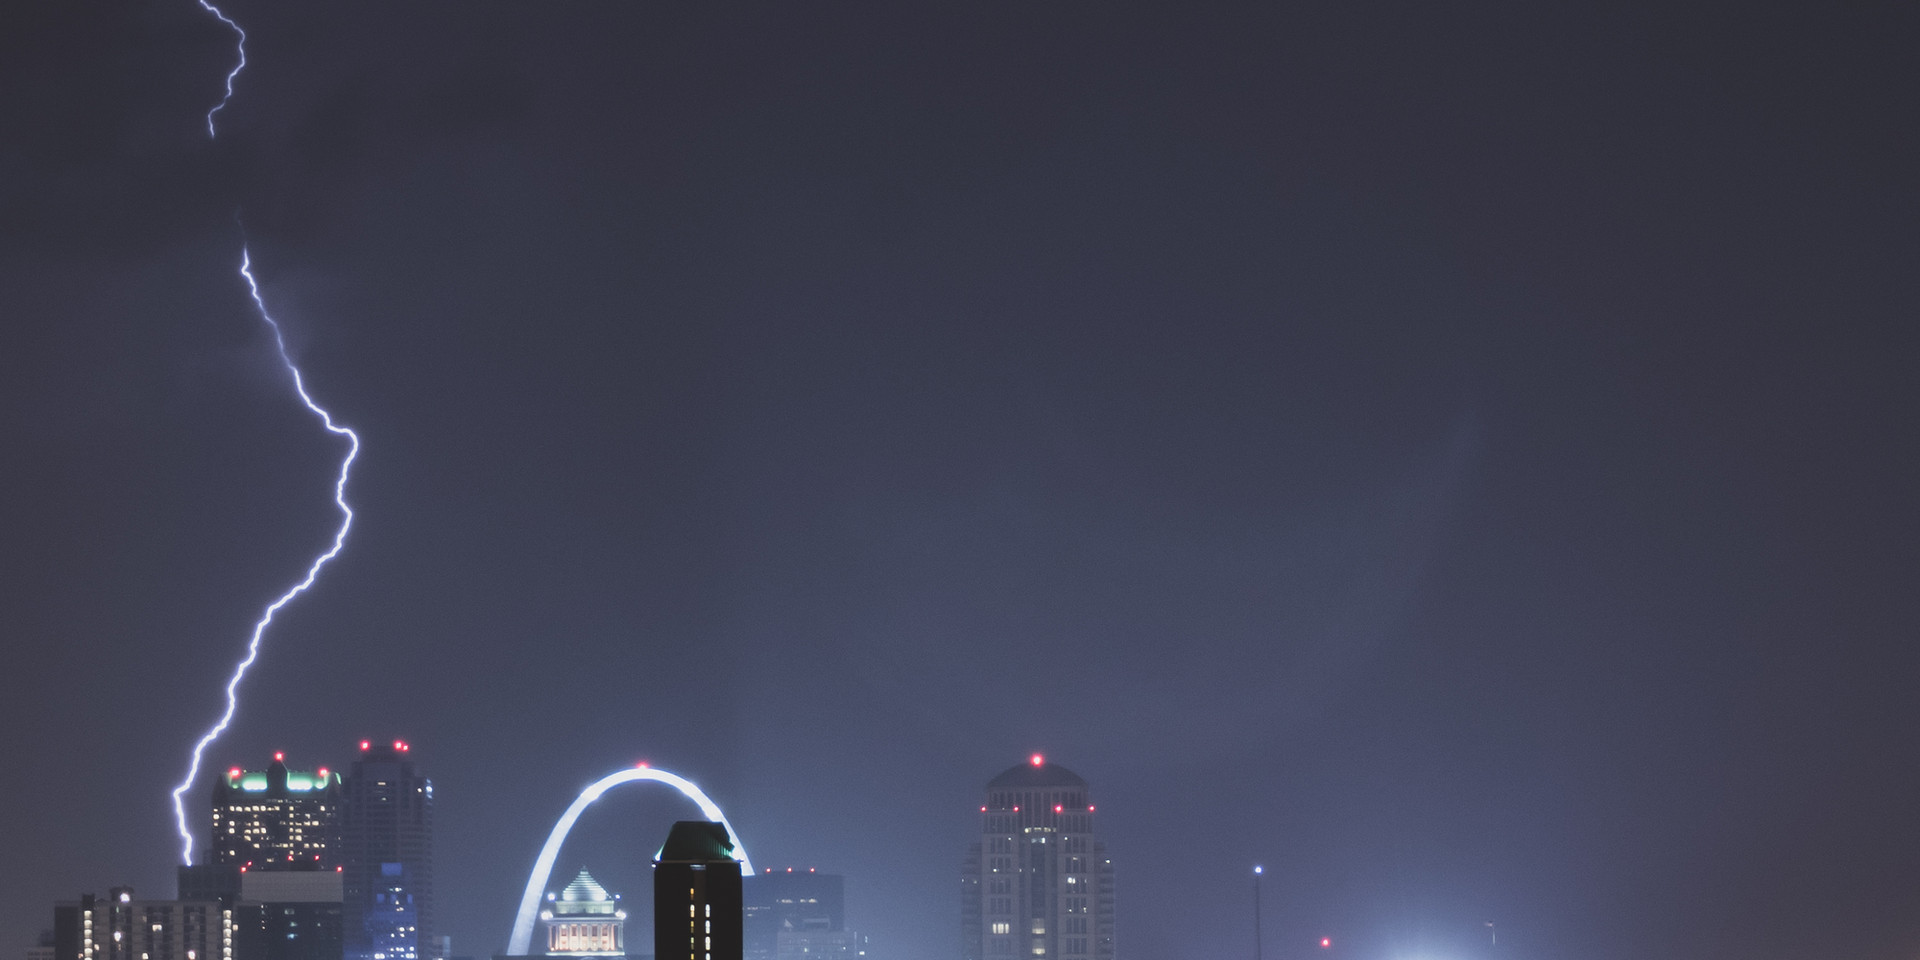 Storm Saint Louis